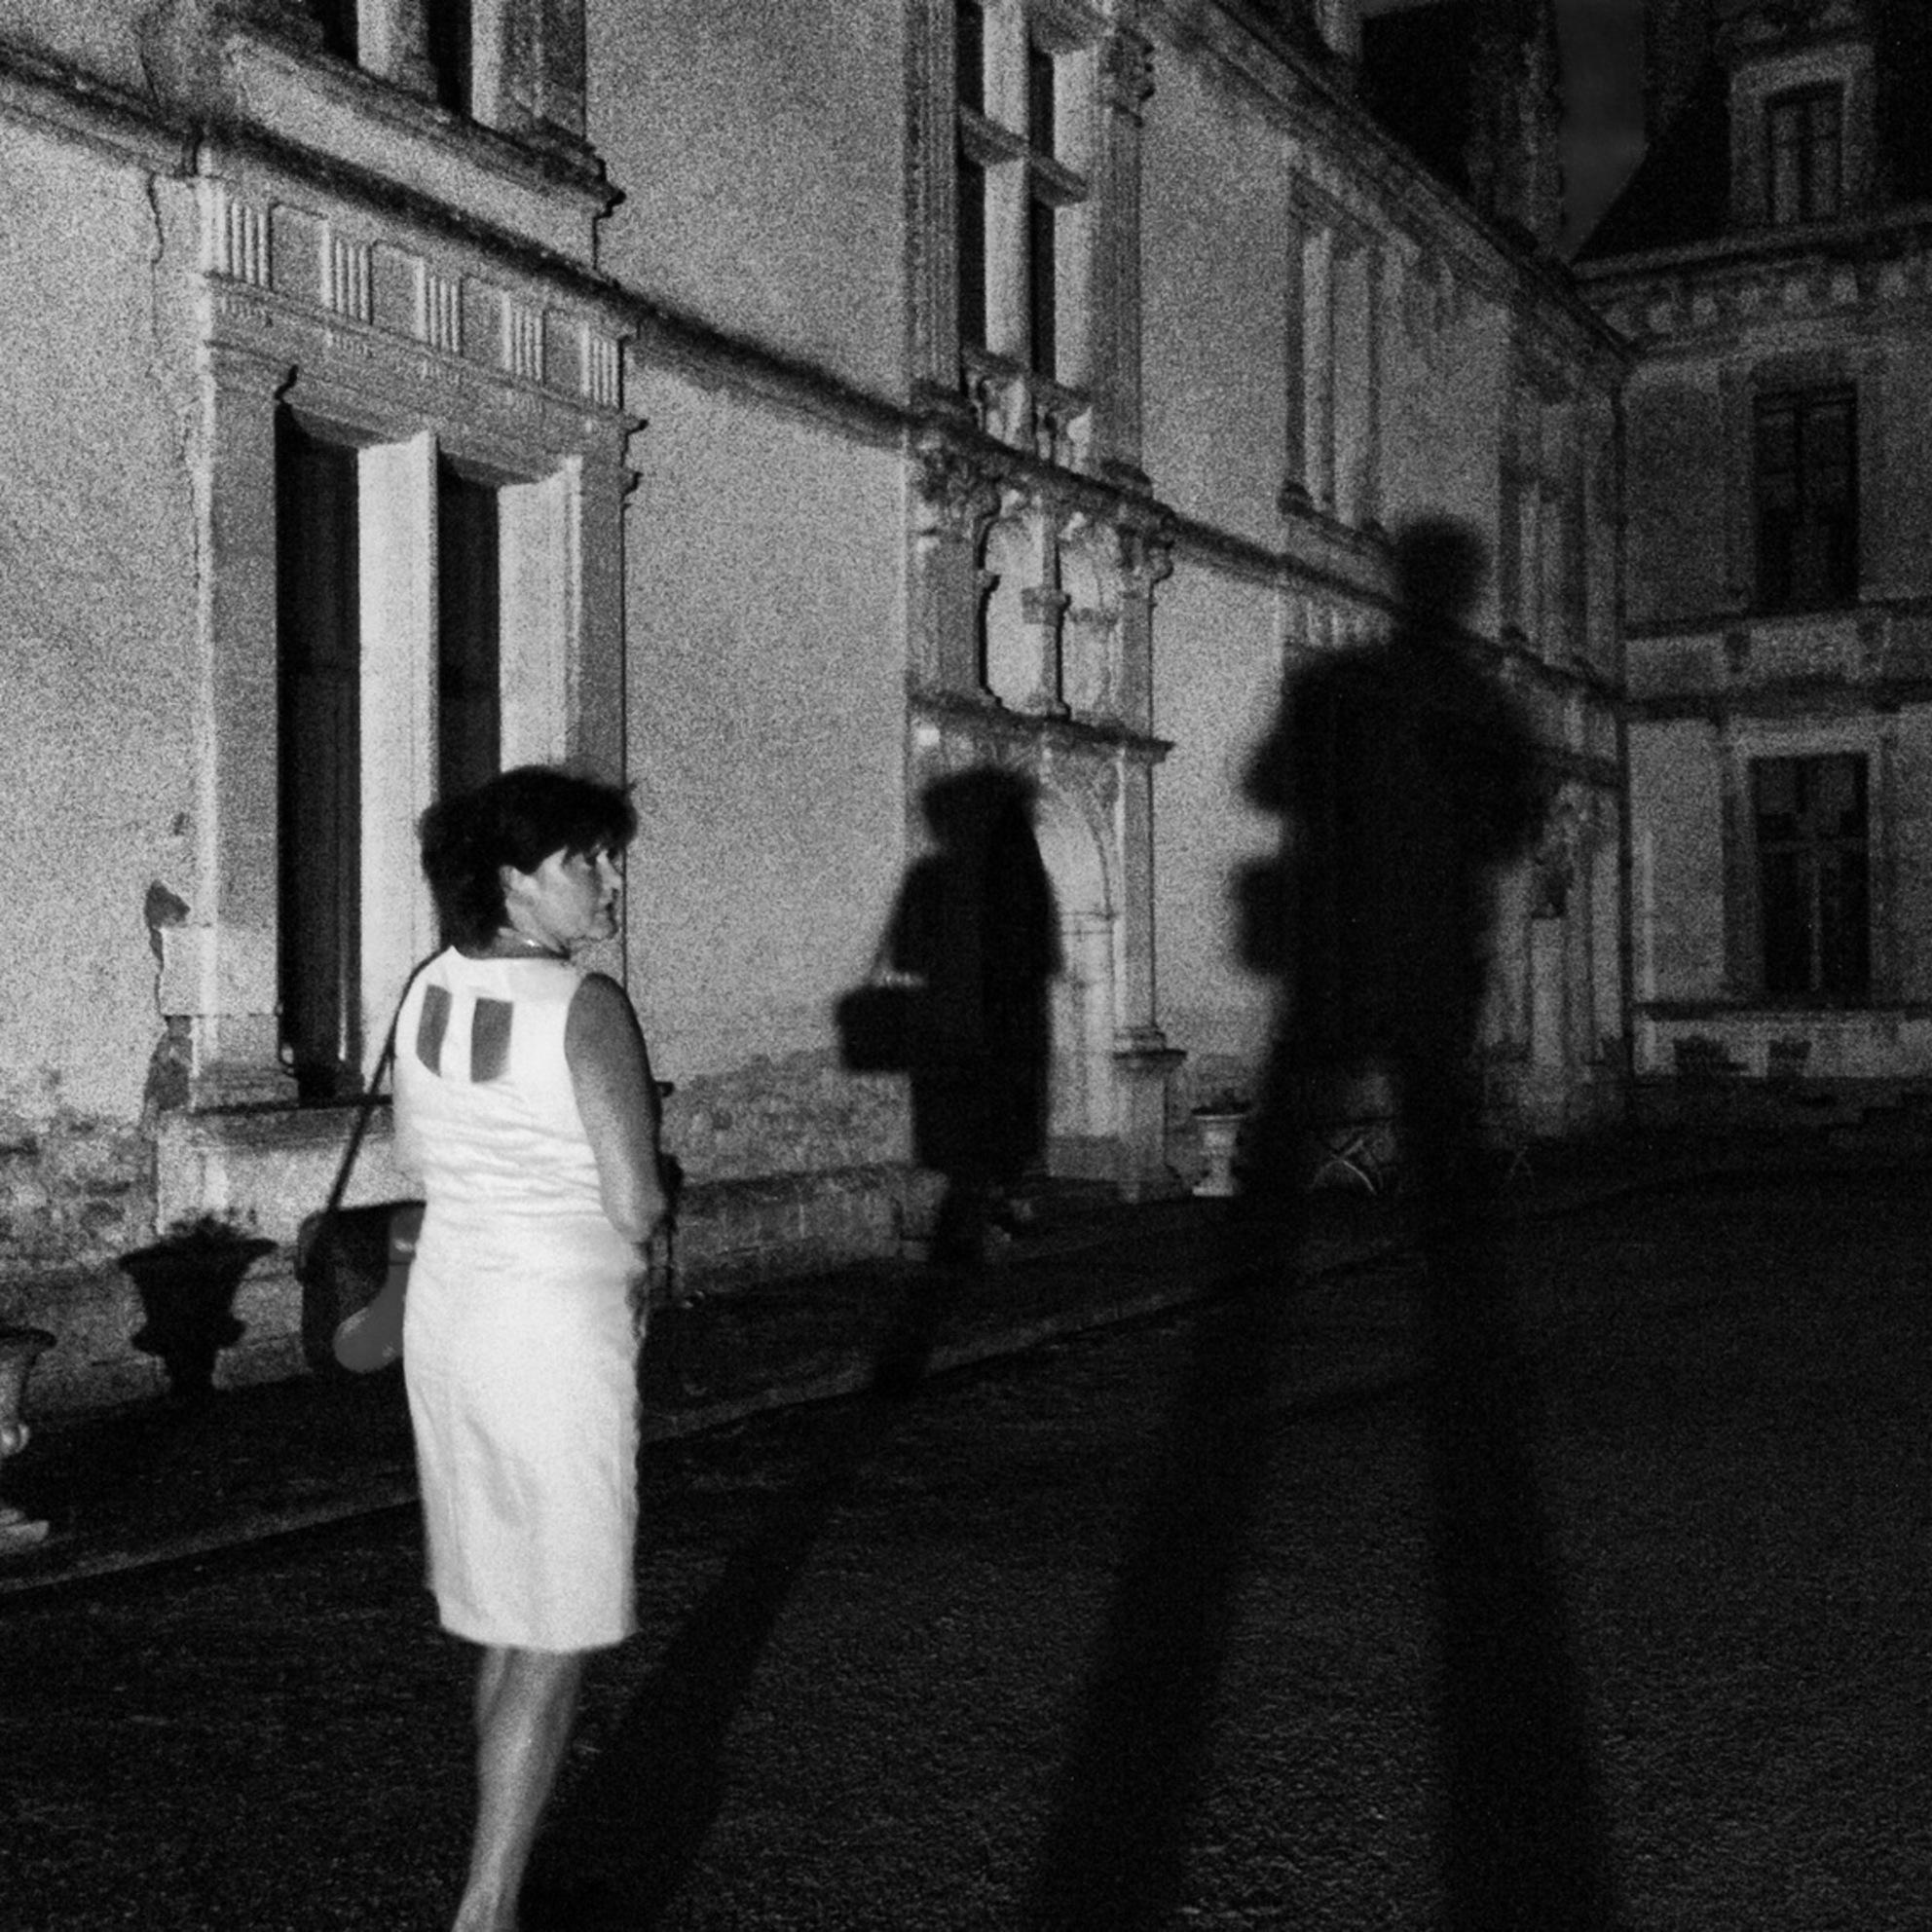 Shadow of Us - In het licht van de spot - foto door wimplas op 18-01-2015 - deze foto bevat: schaduw, spot, suprise - Deze foto mag gebruikt worden in een Zoom.nl publicatie